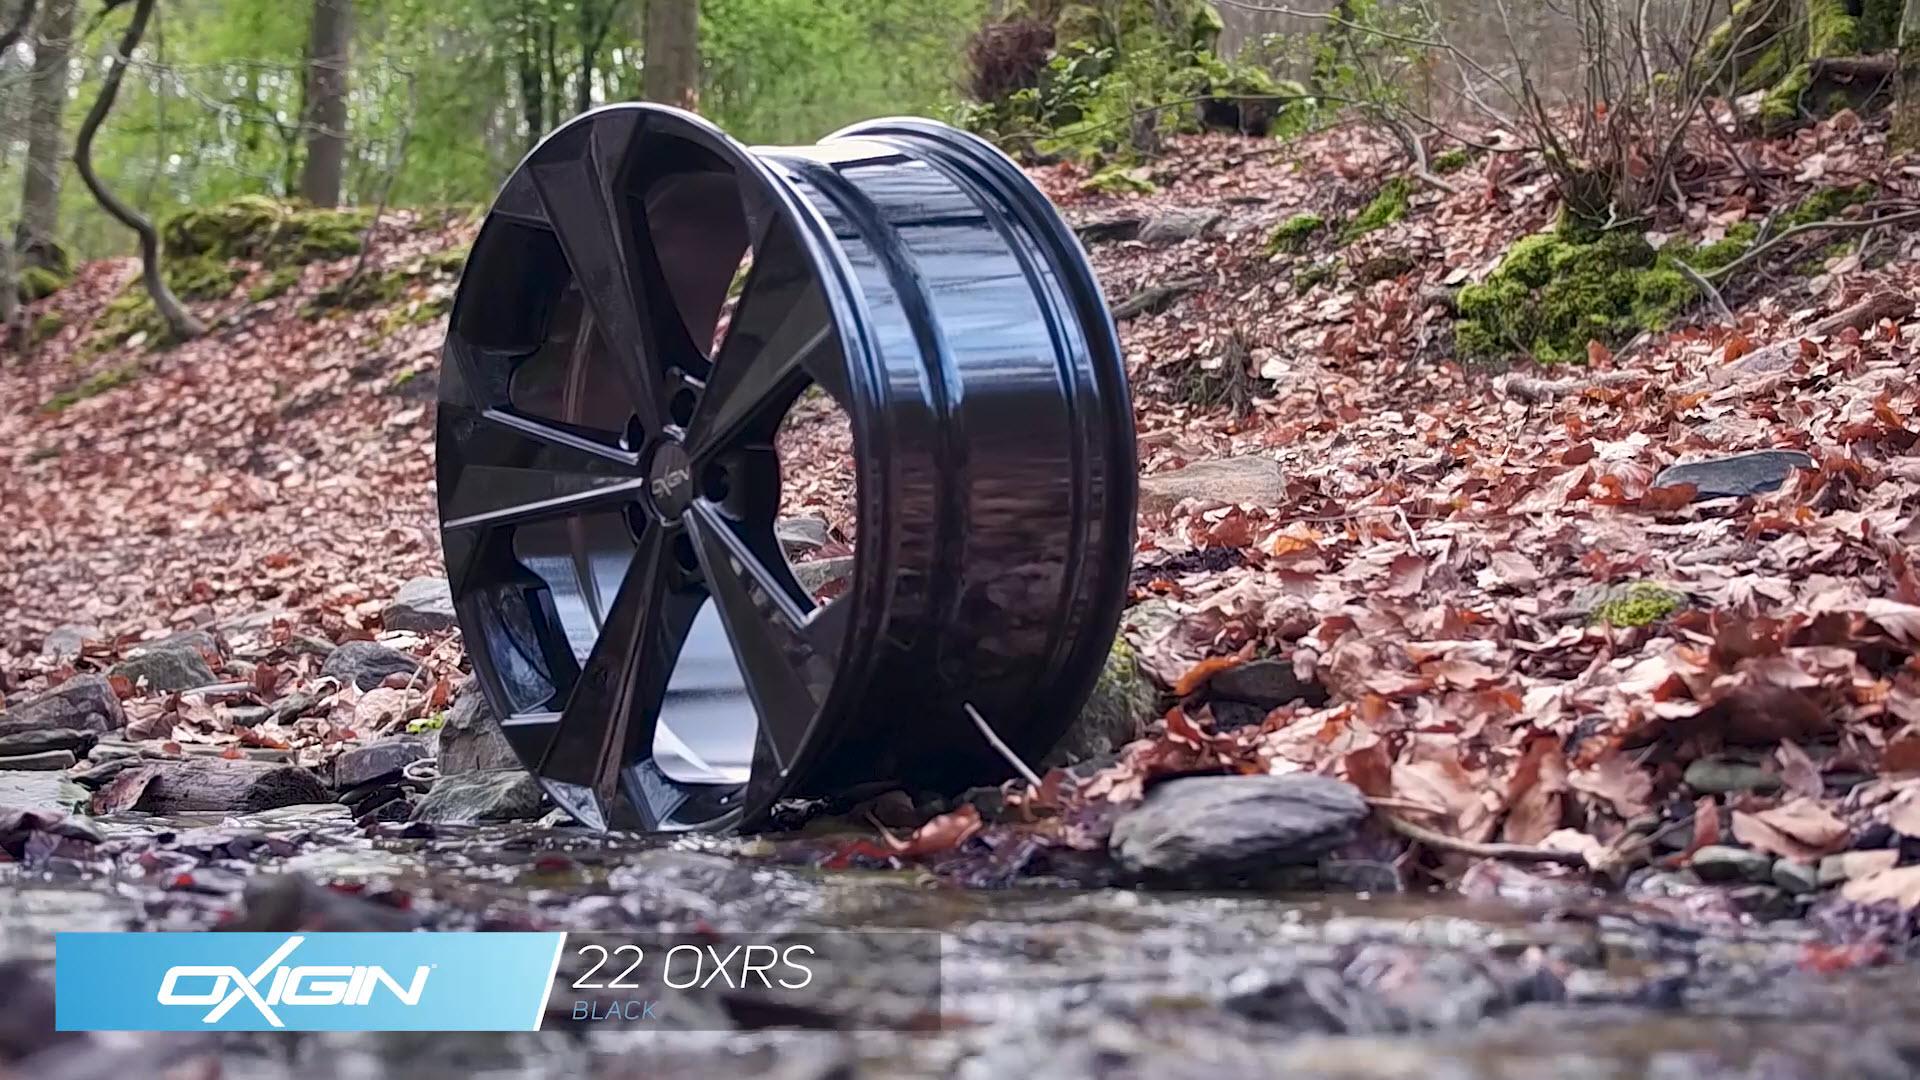 OX 22 OXRS Black und Ambiente